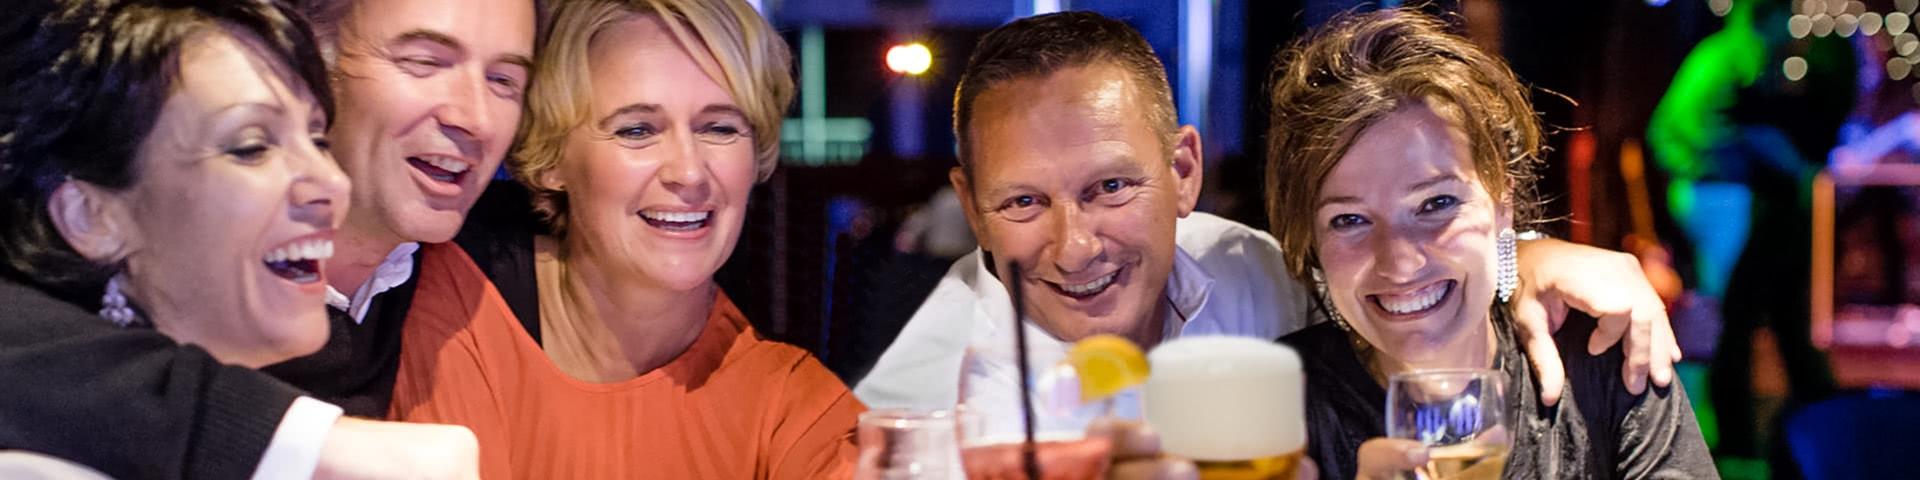 Gruppe sitz in einer Bar in Amsterdam und trinkt Bier und Wein